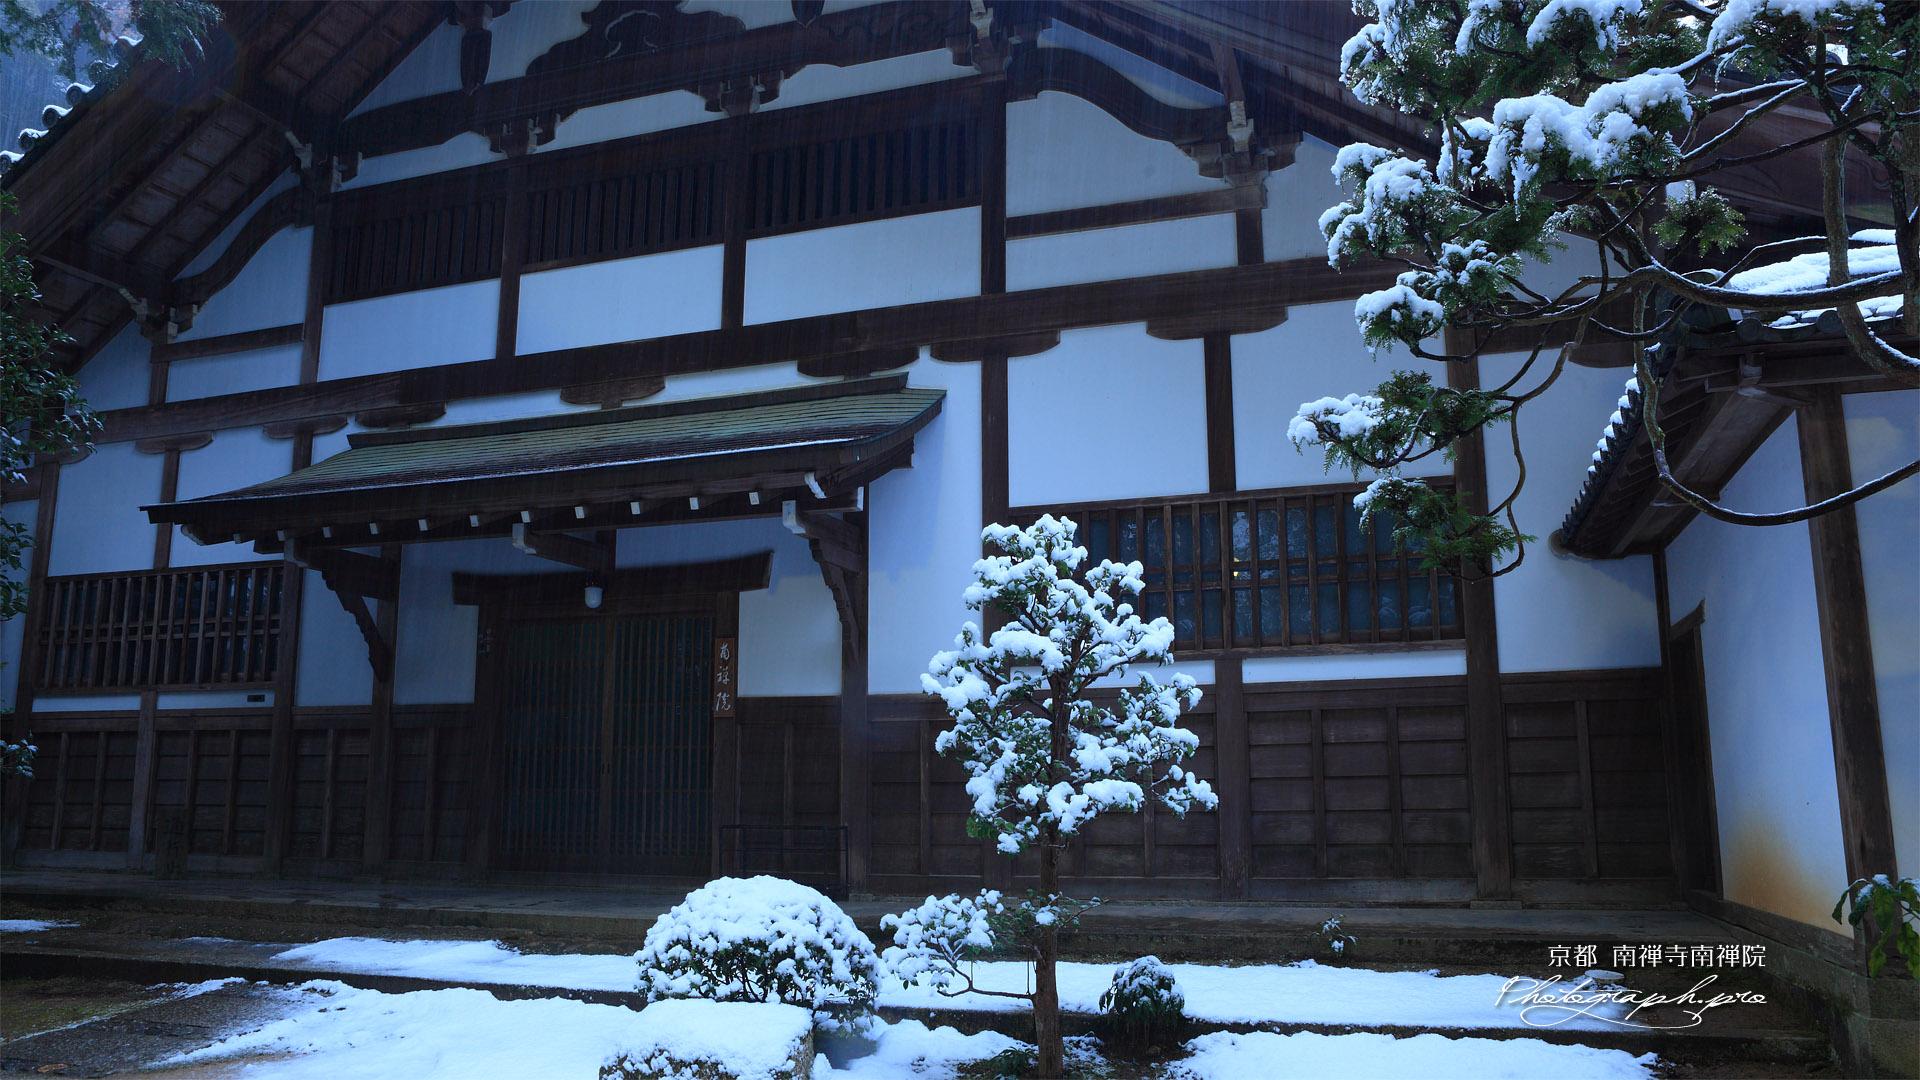 南禅寺南禅院 雪の庫裏